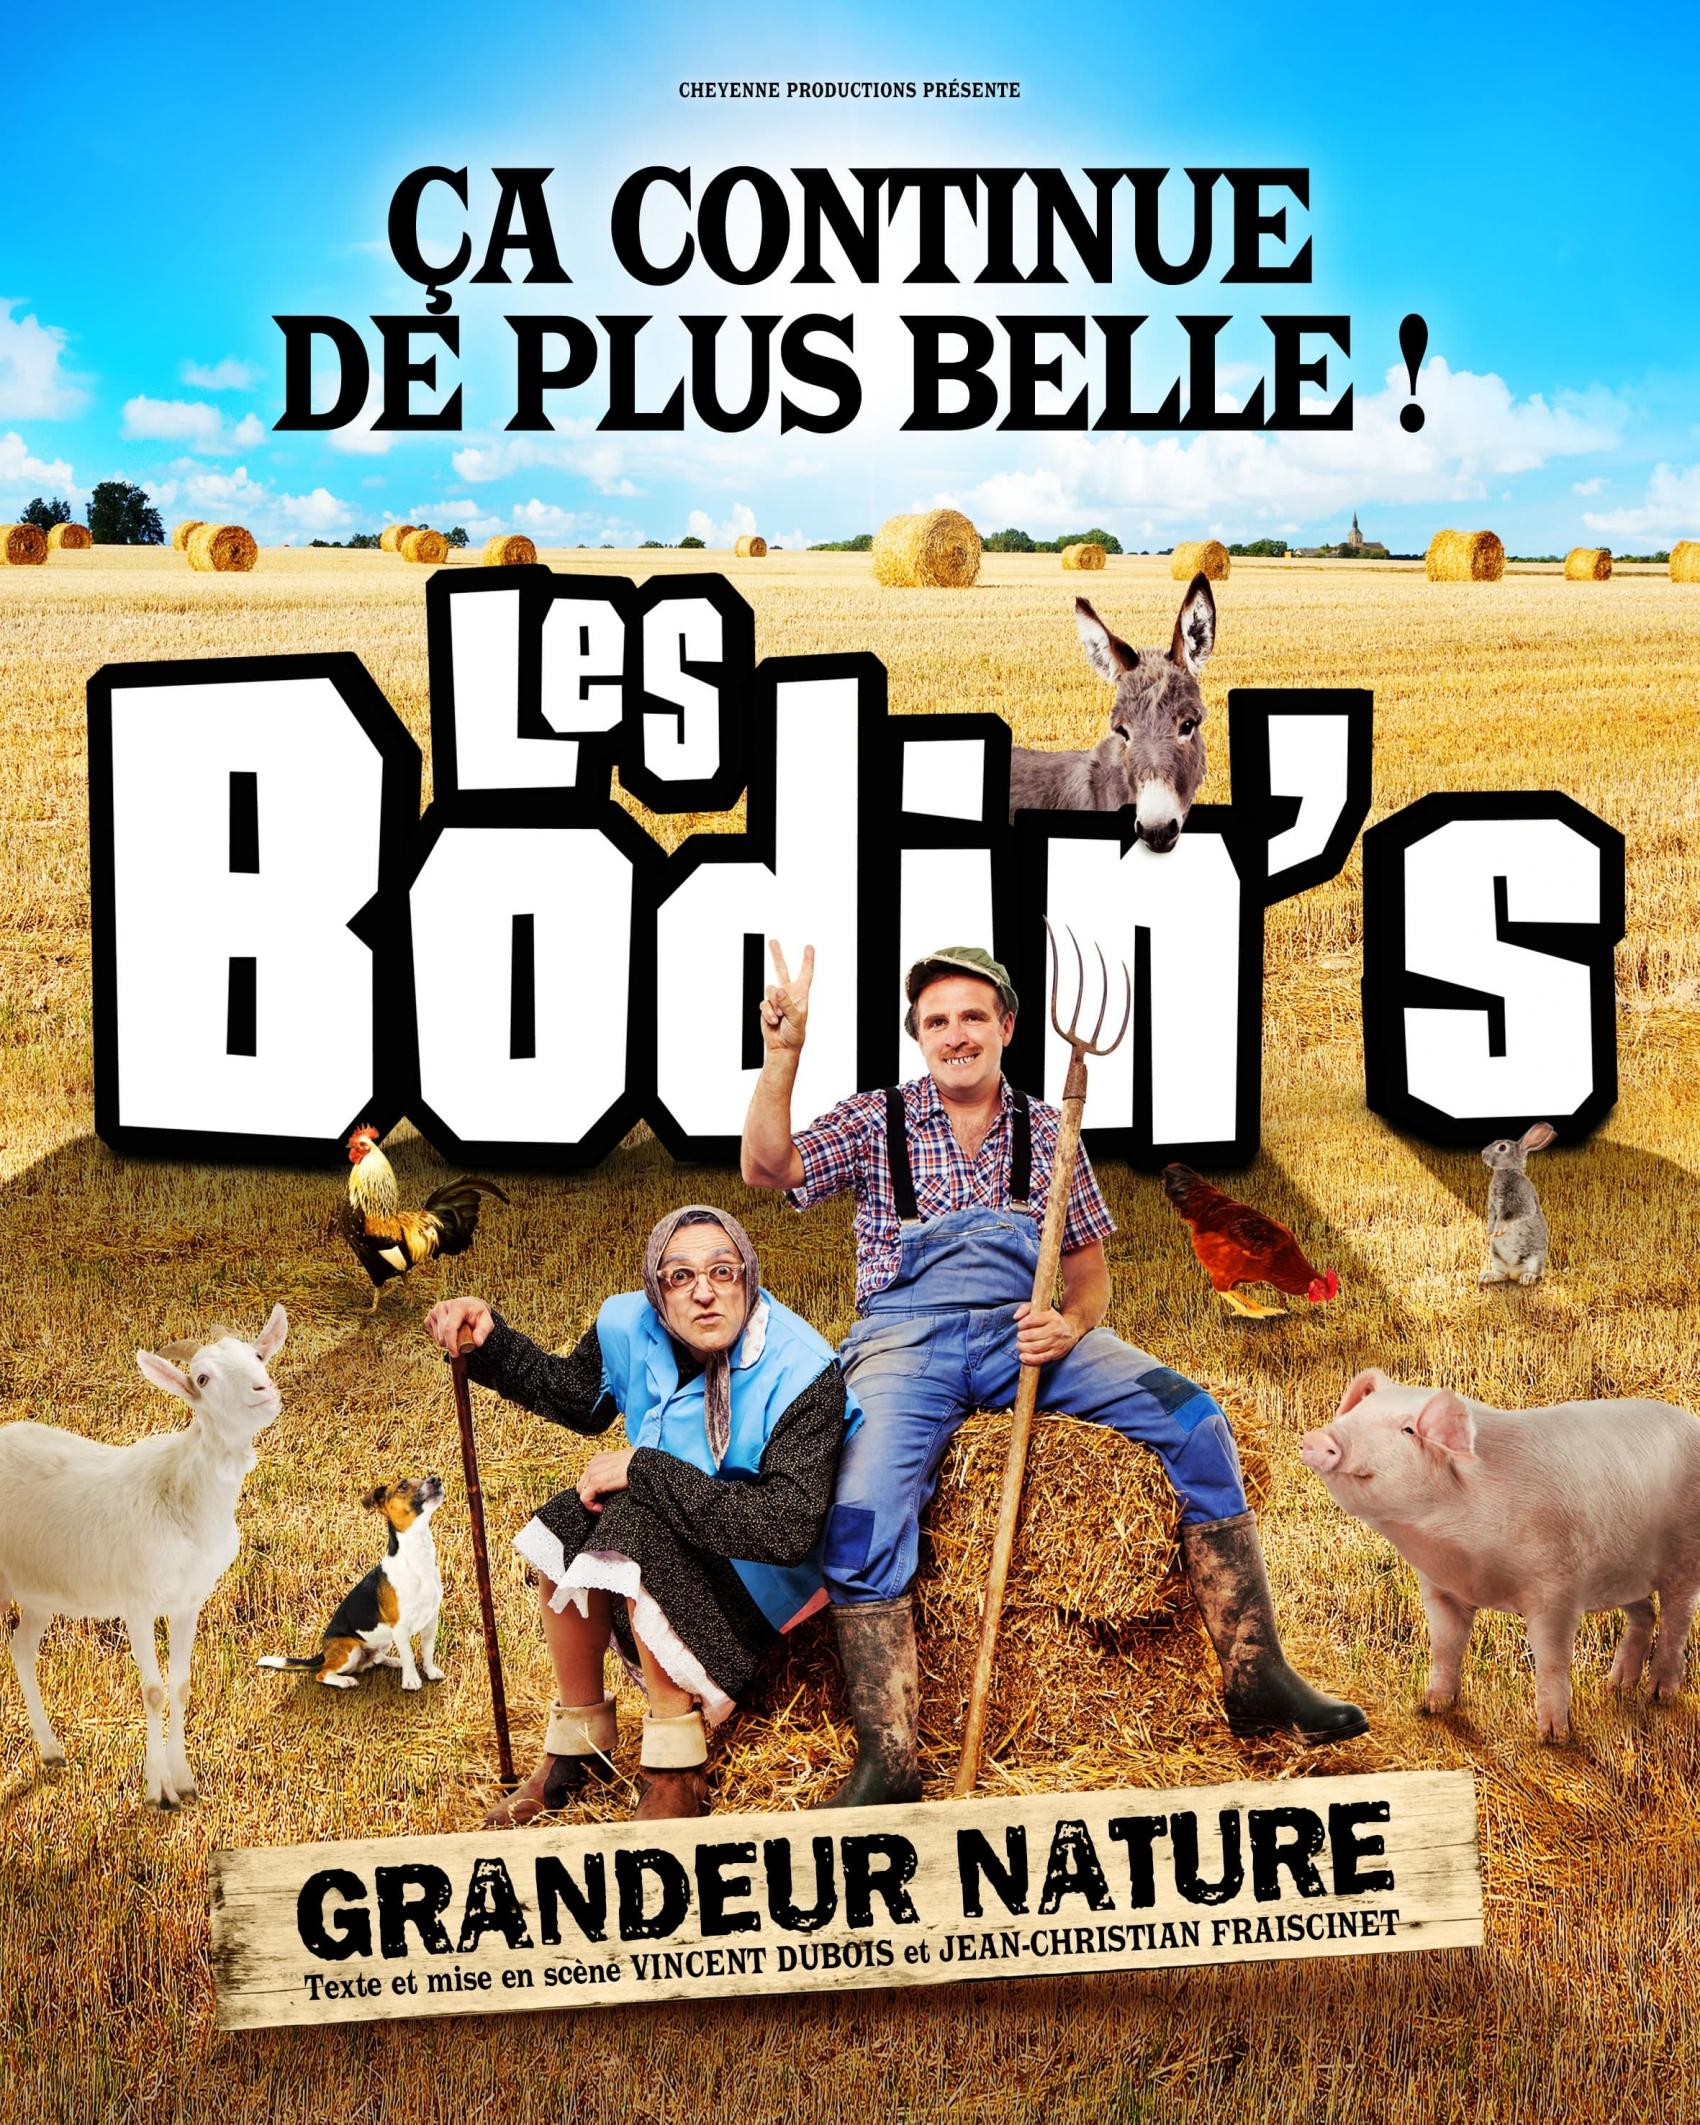 Les Bodin's «Grandeur Nature» ça continue de plus belle!